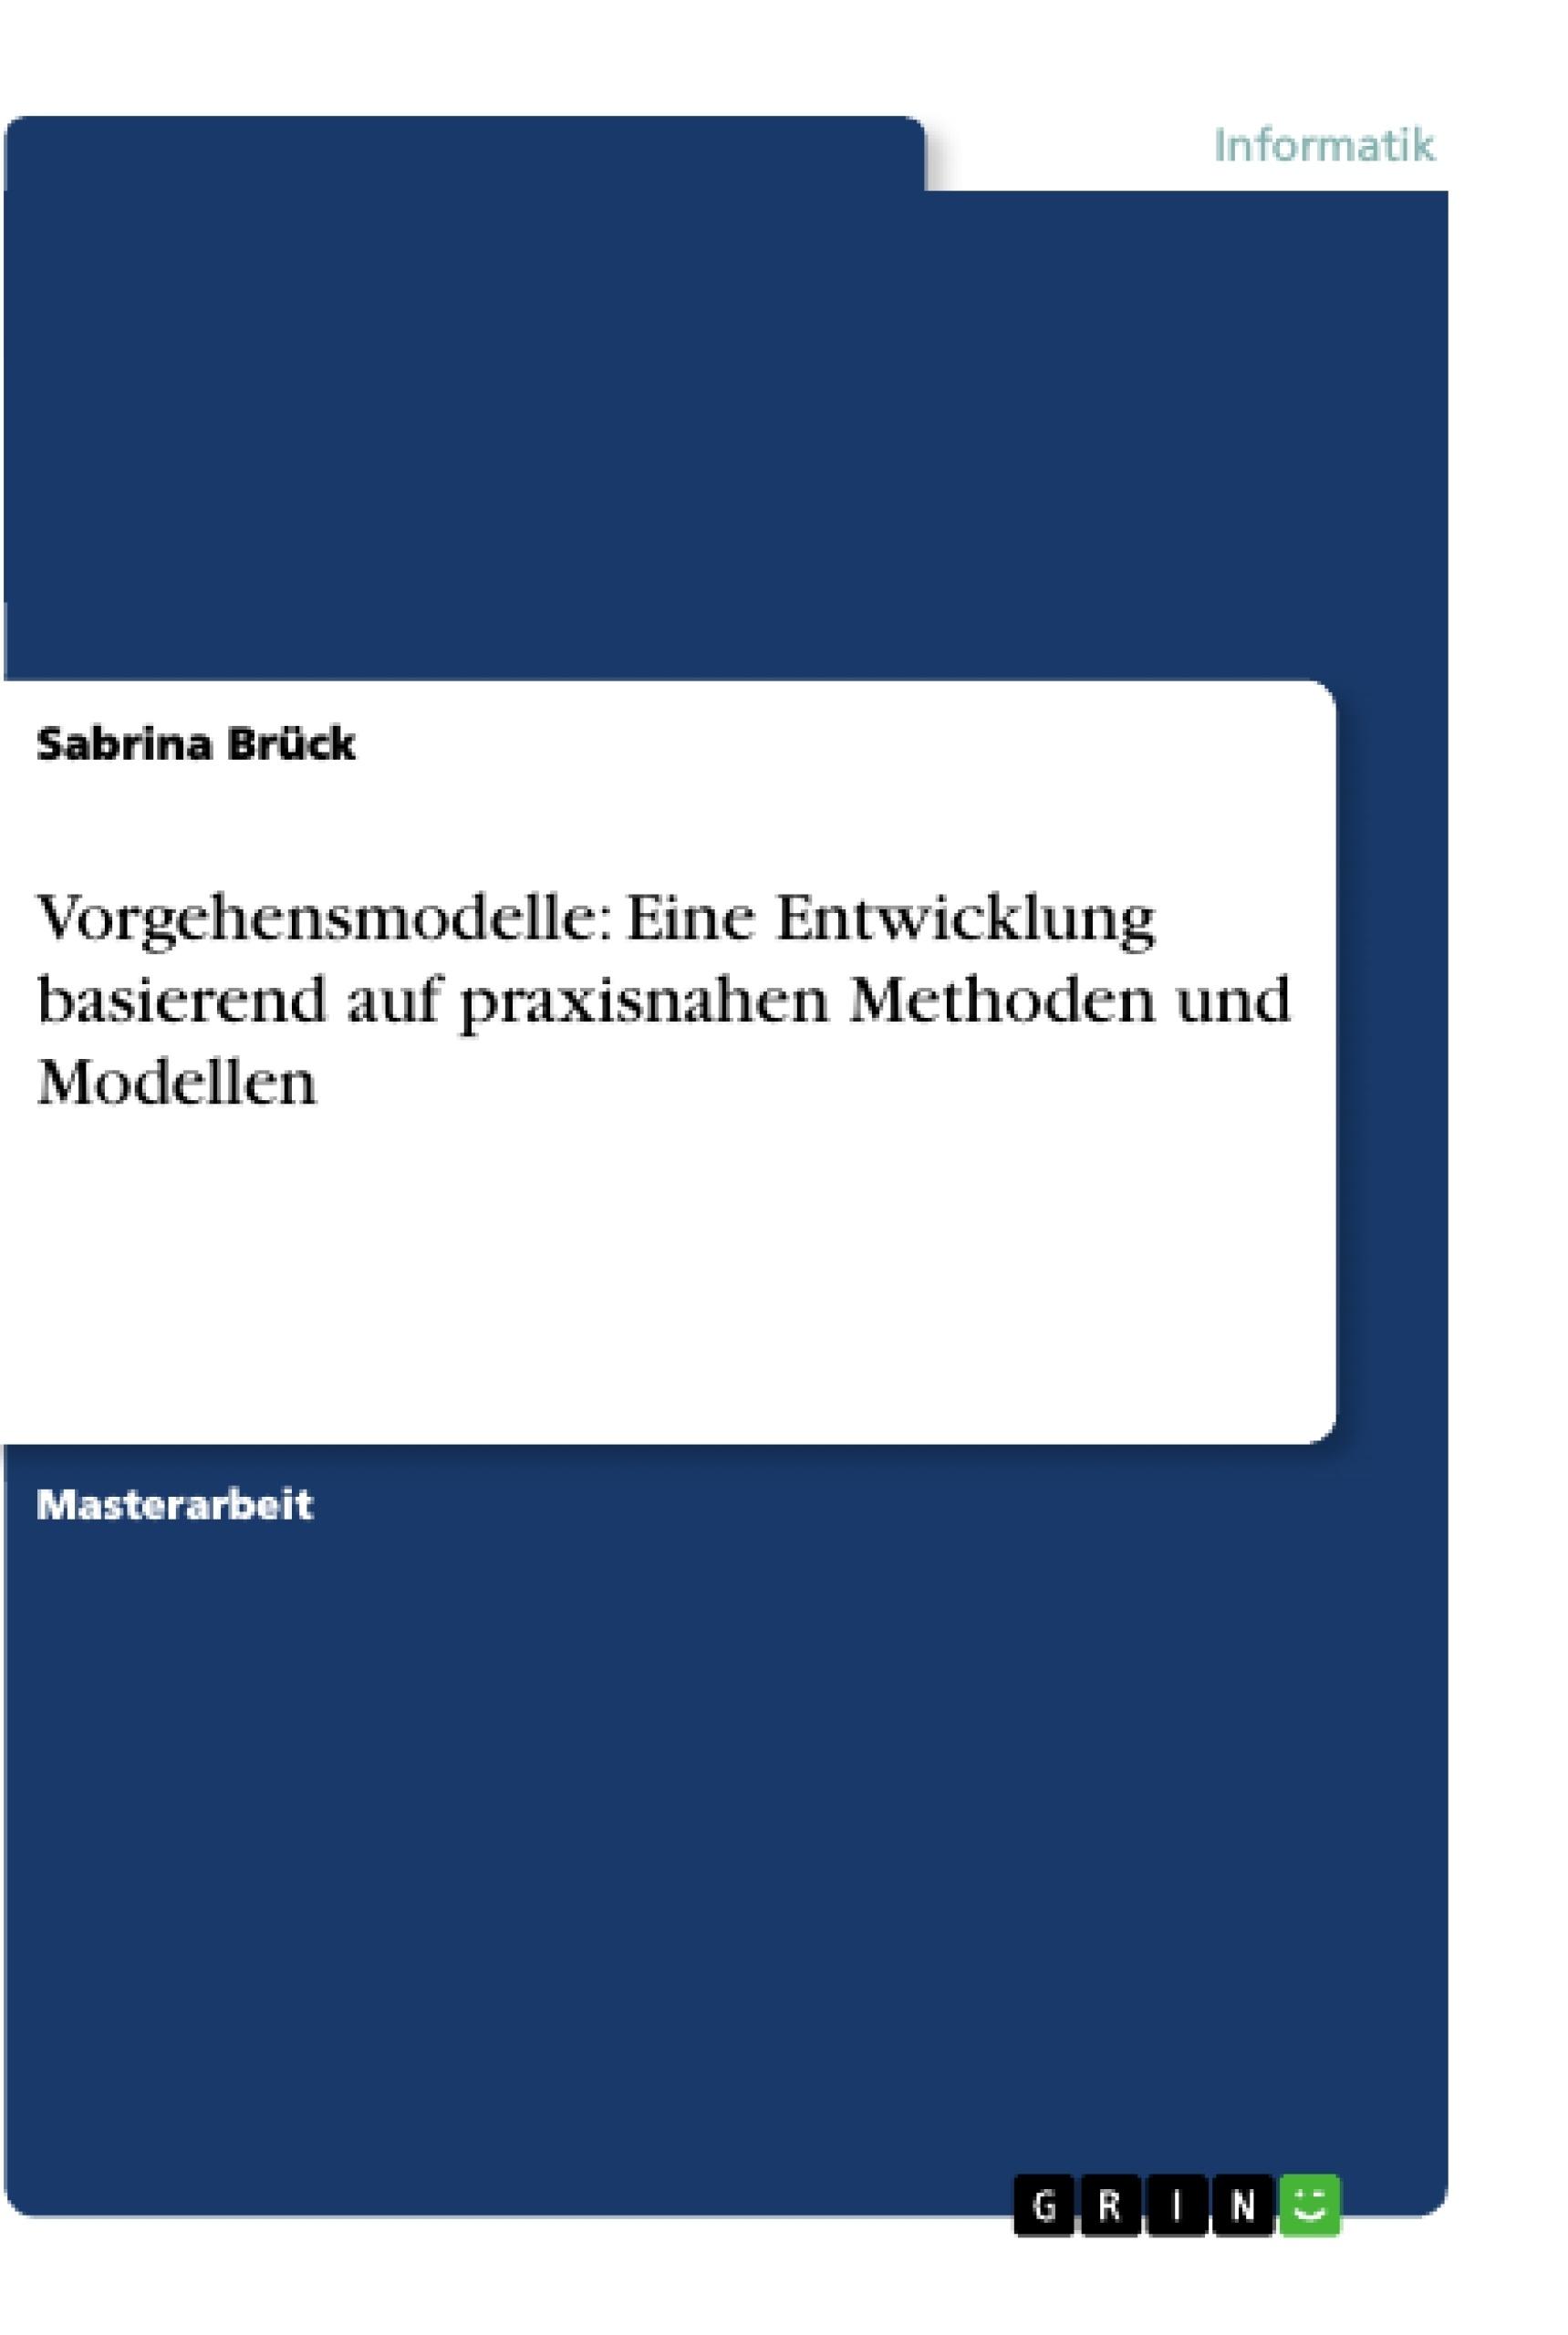 Titel: Vorgehensmodelle: Eine Entwicklung basierend auf praxisnahen Methoden und Modellen